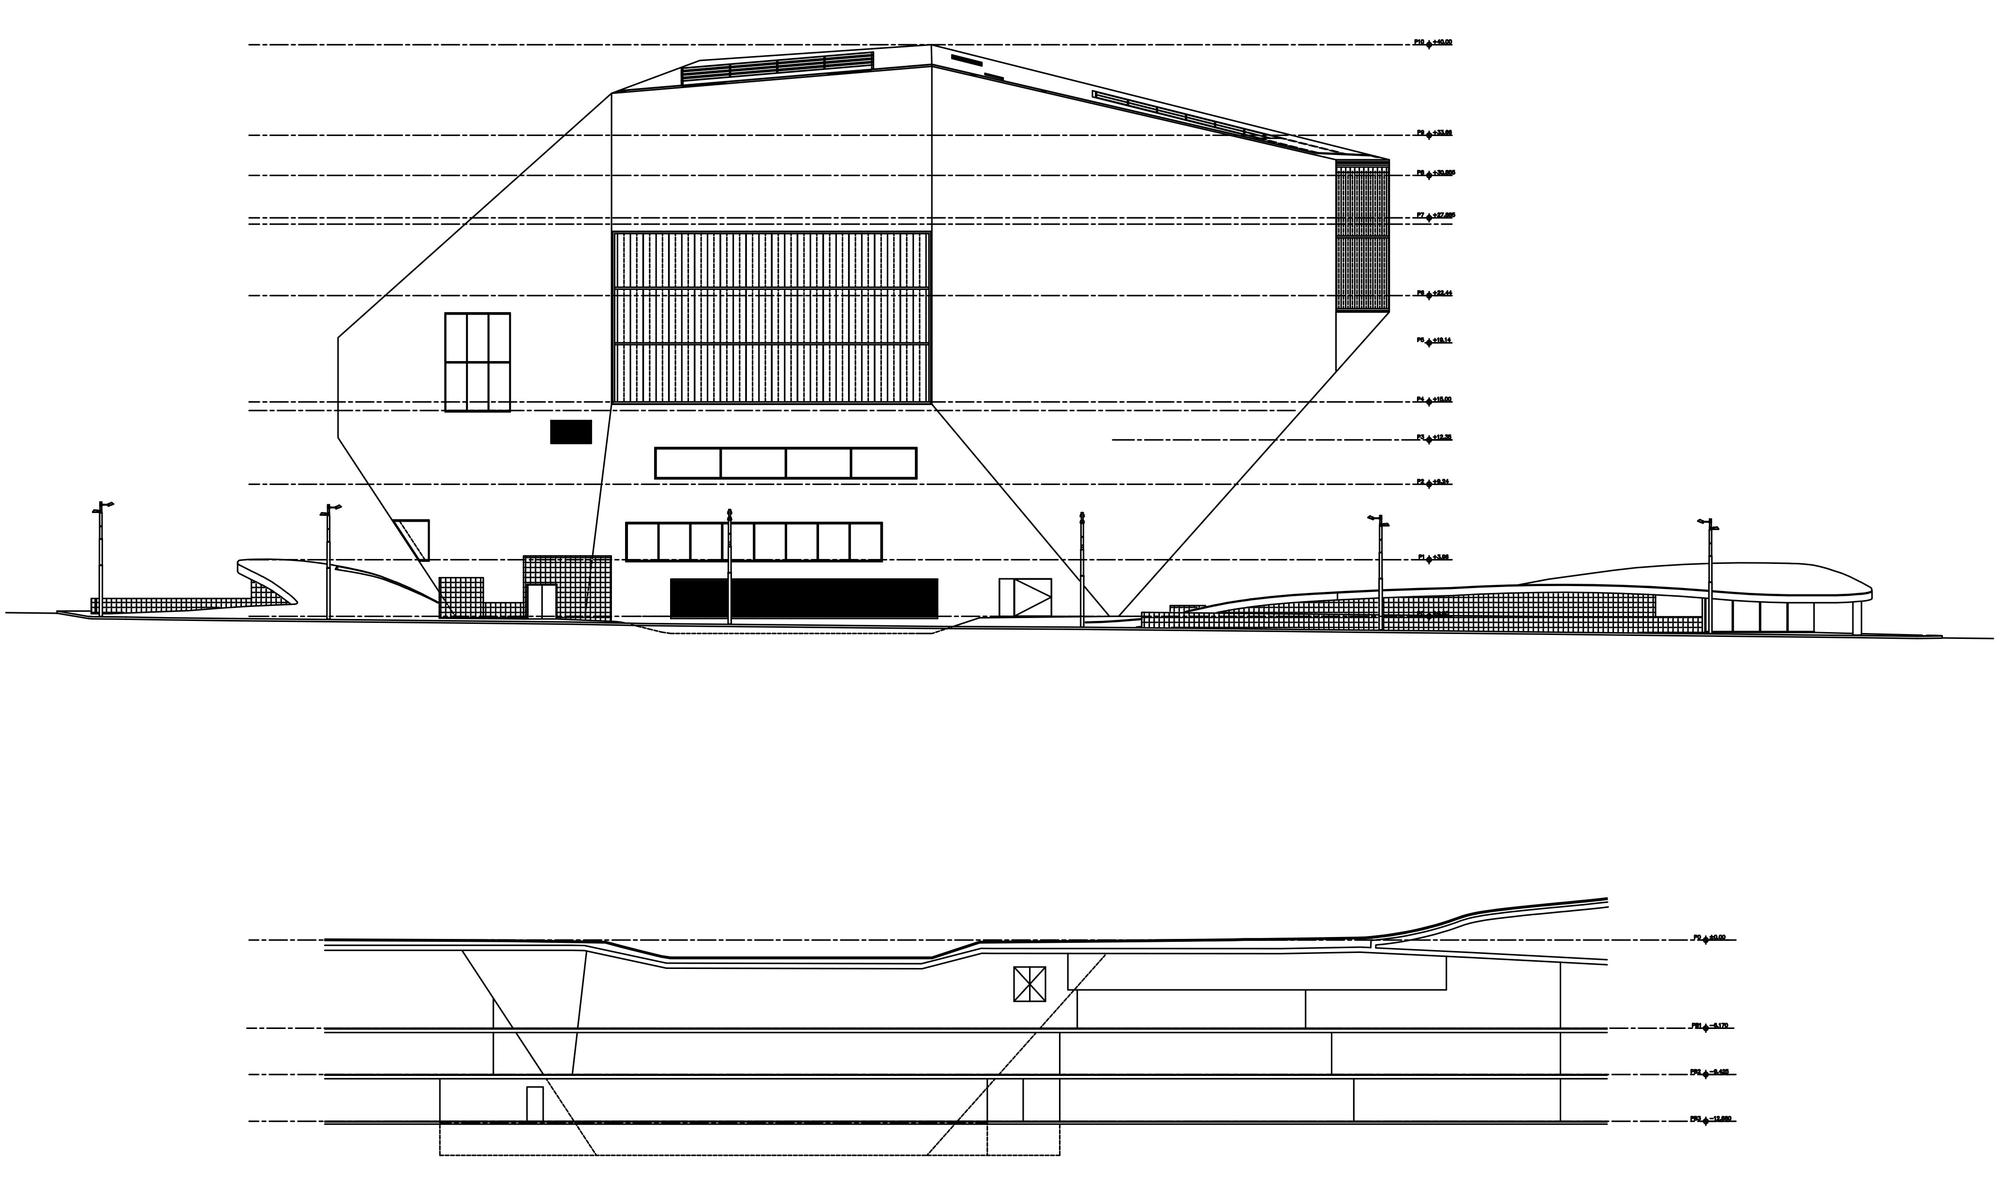 Casa da Musica / OMA (4)